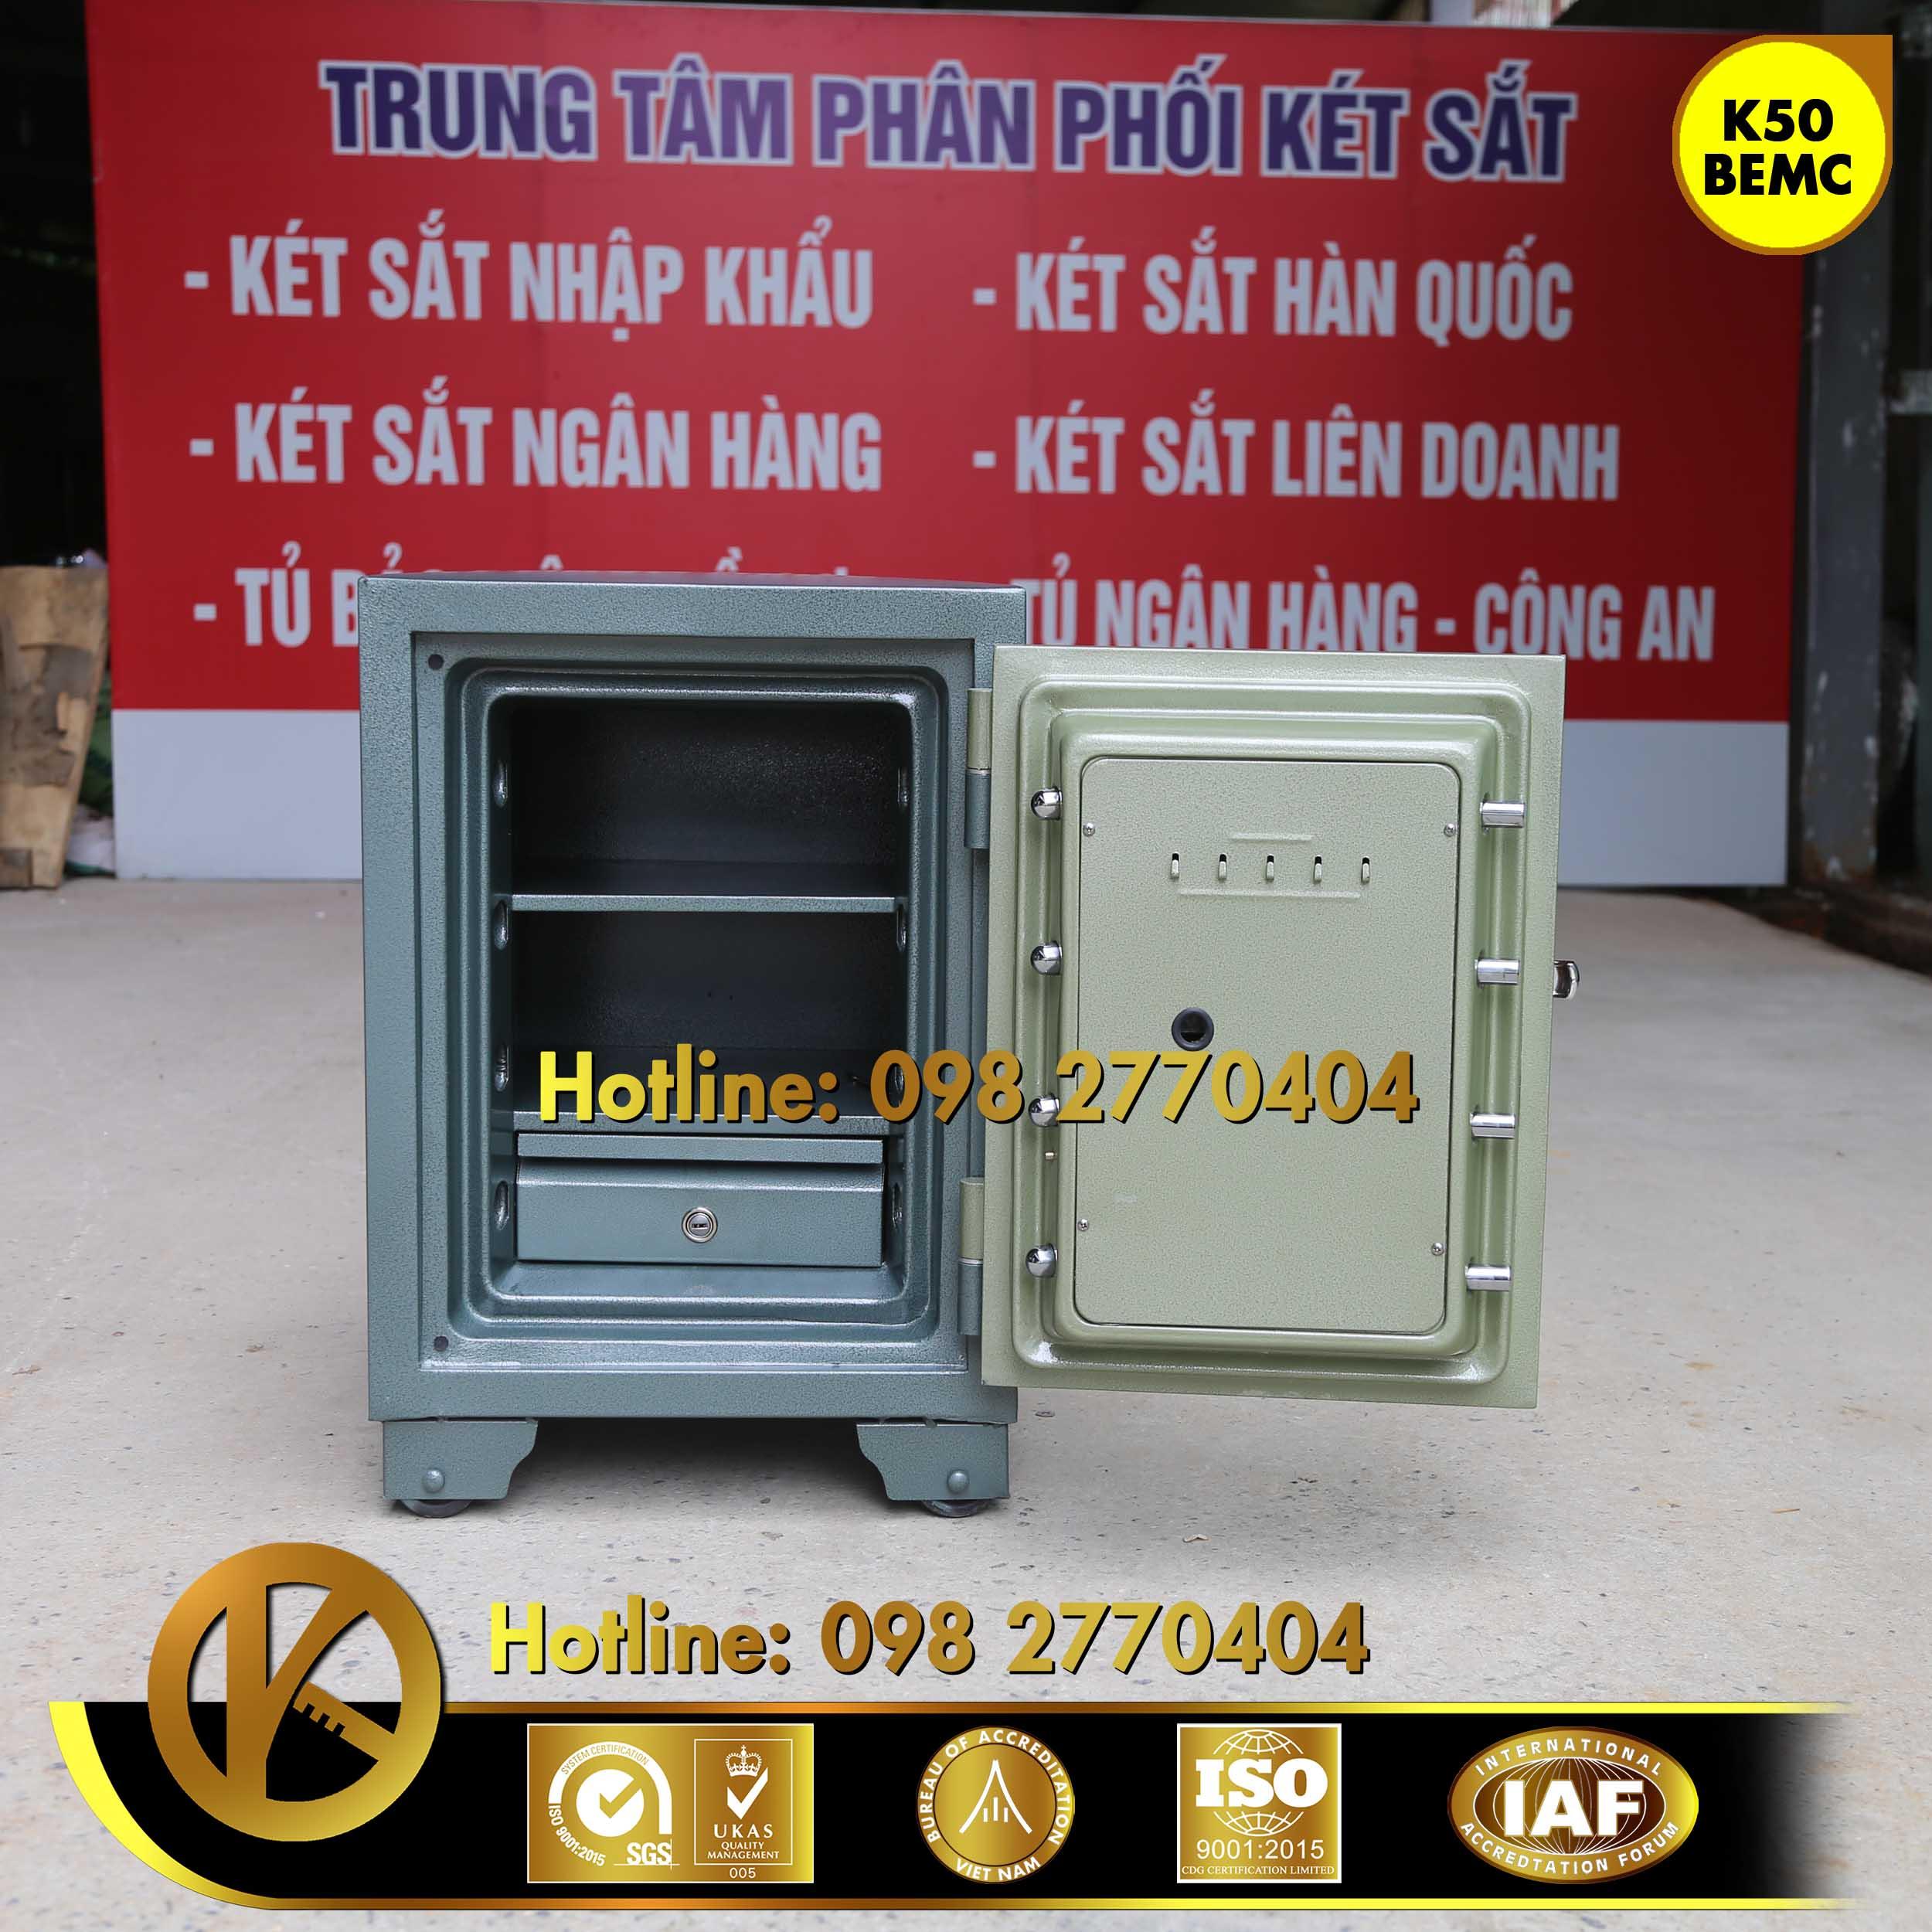 hình ảnh sản phẩm Két Sắt Ngân Hàng BEMC K50 Khoá Vân Tay